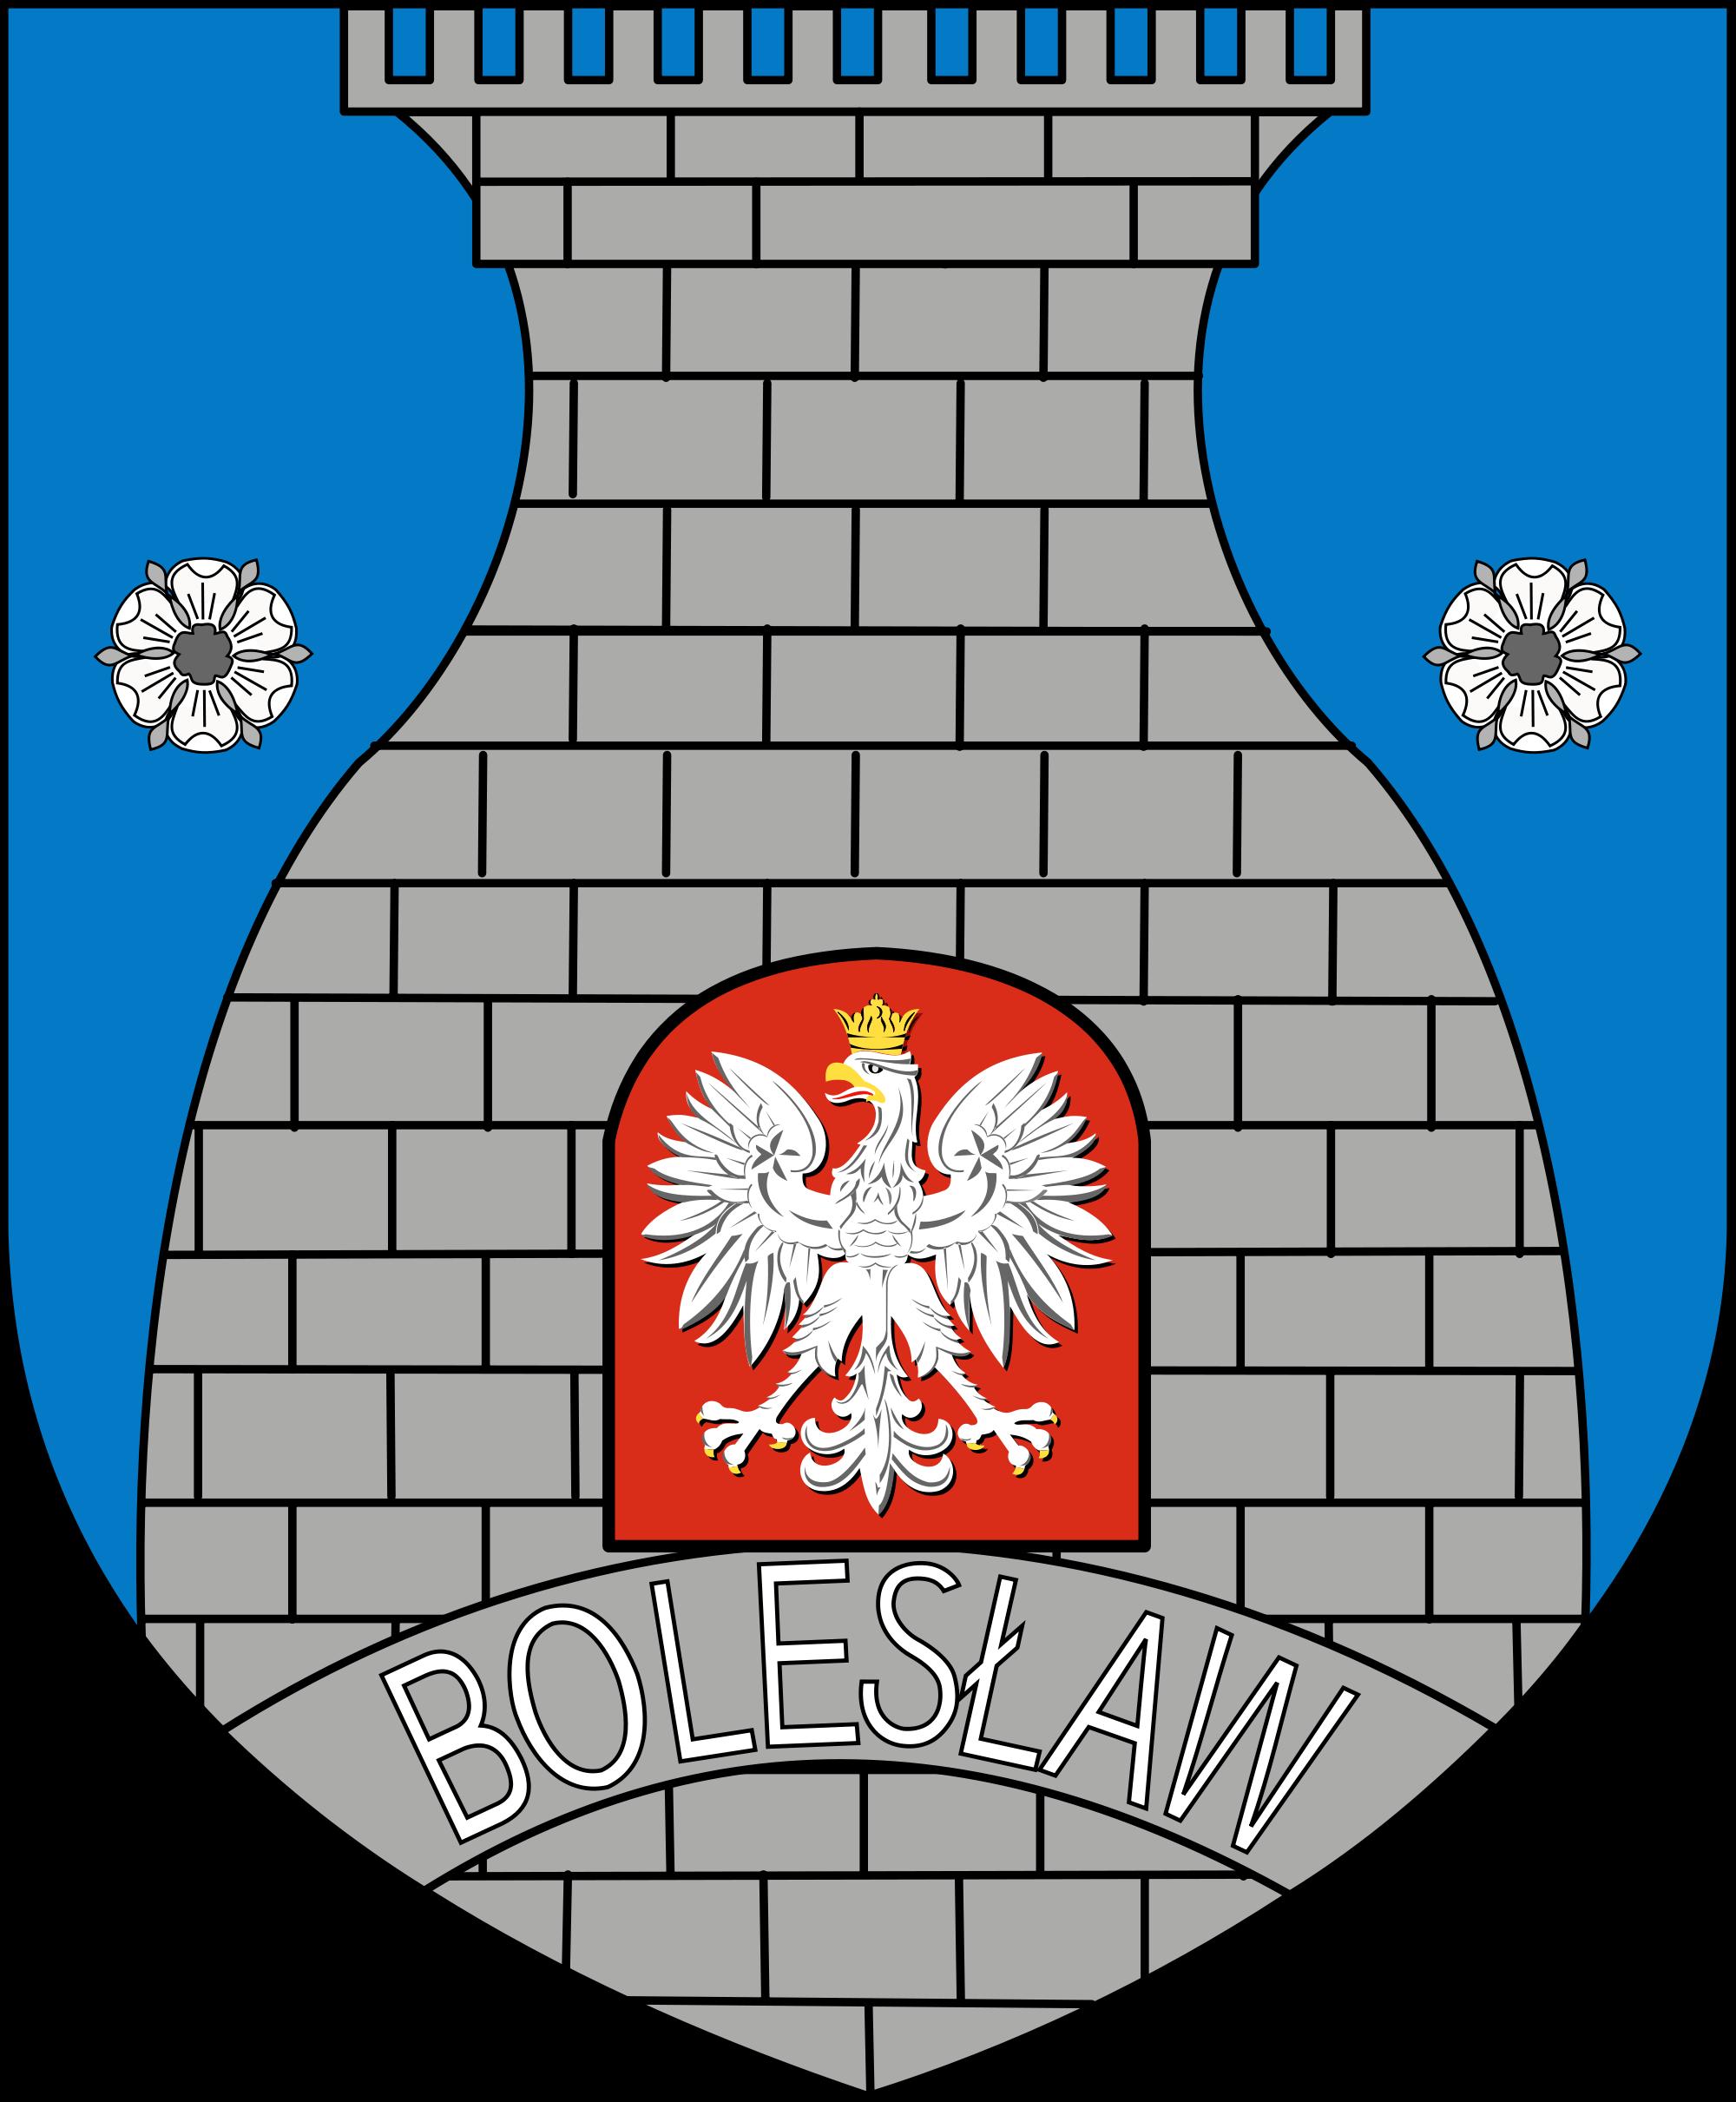 Bolesław